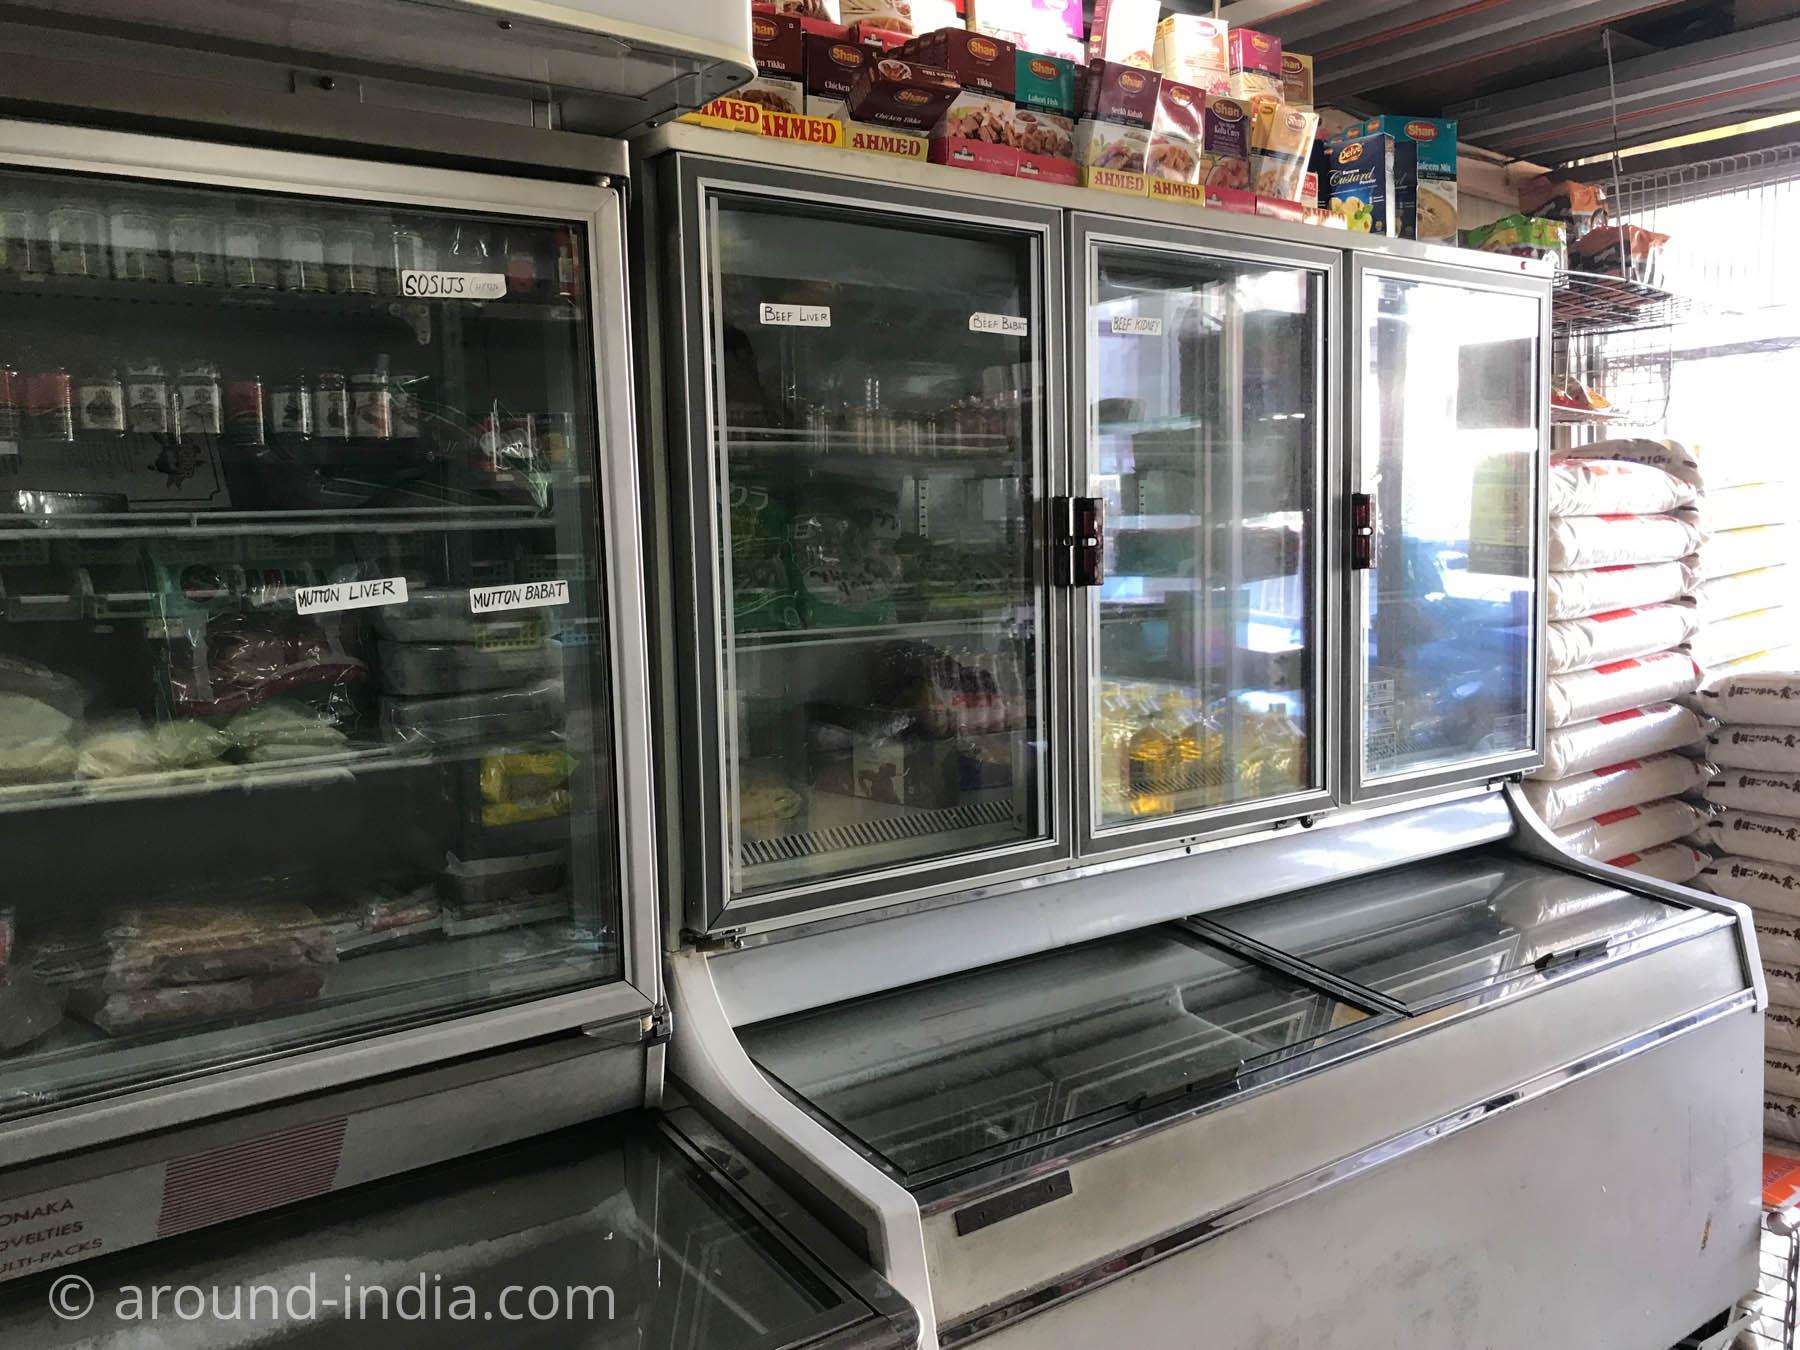 湘南台のインド食材店タージマハールの冷凍冷蔵コーナー